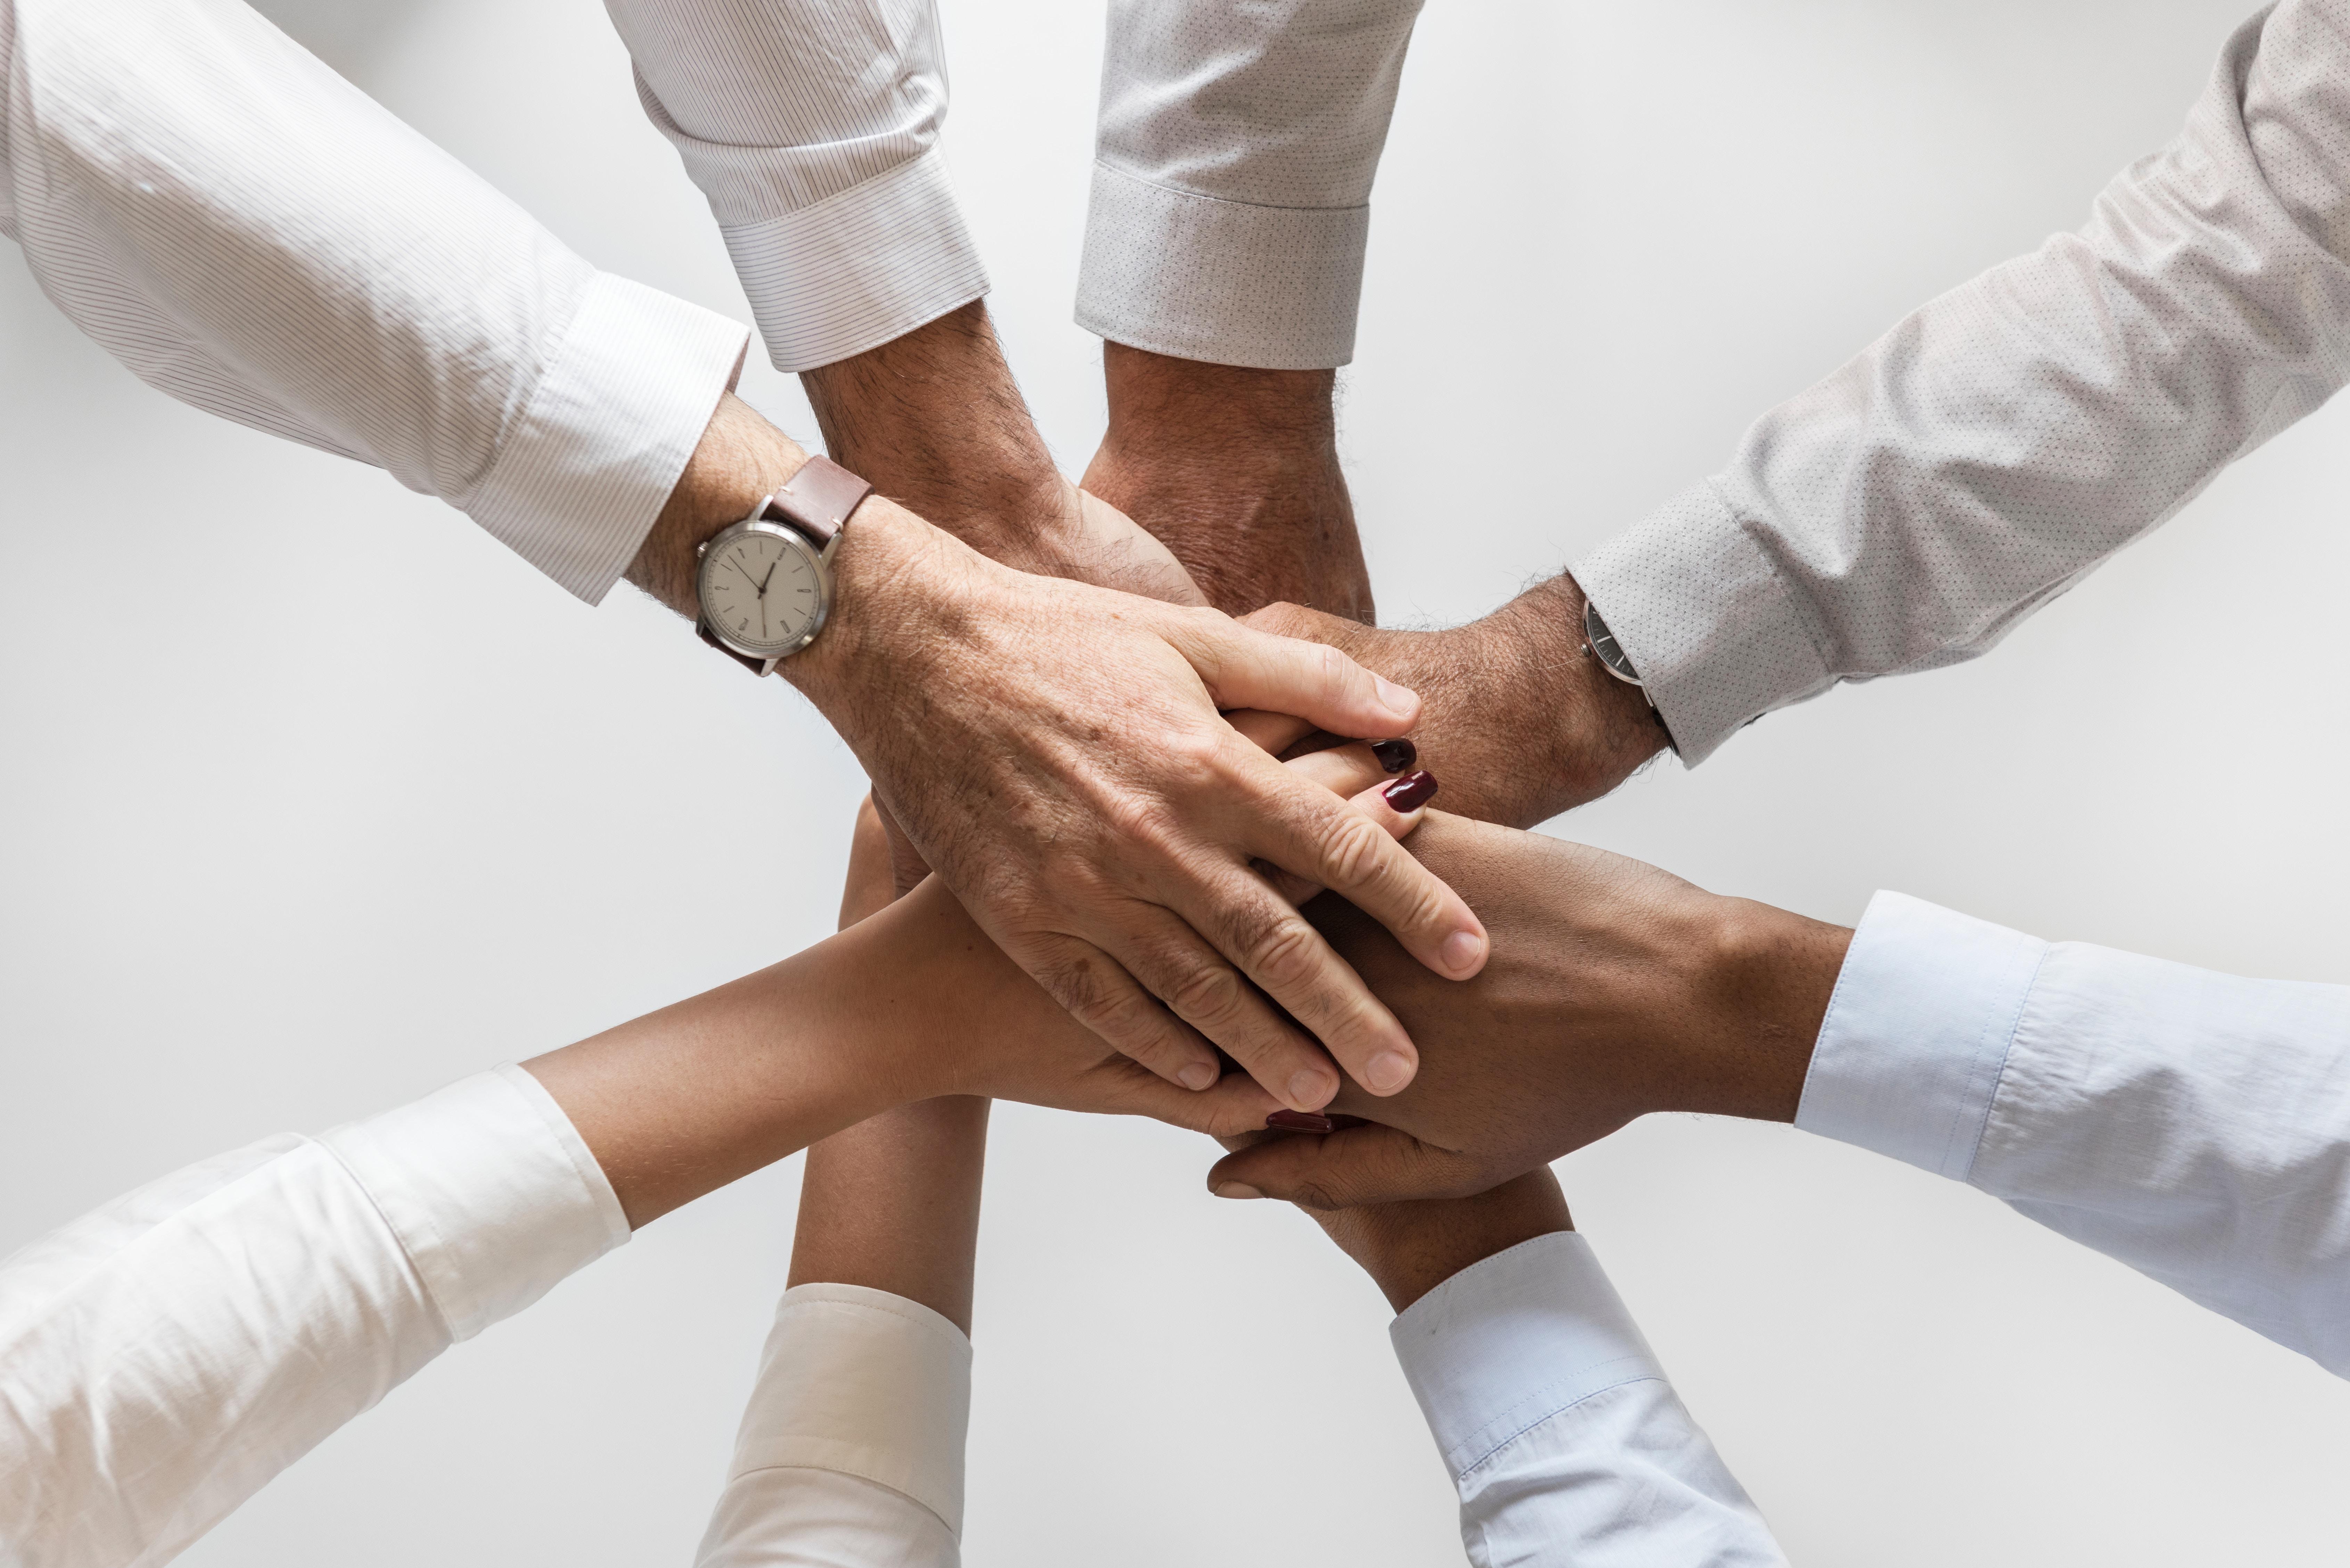 instilling teamwork in finishing a task